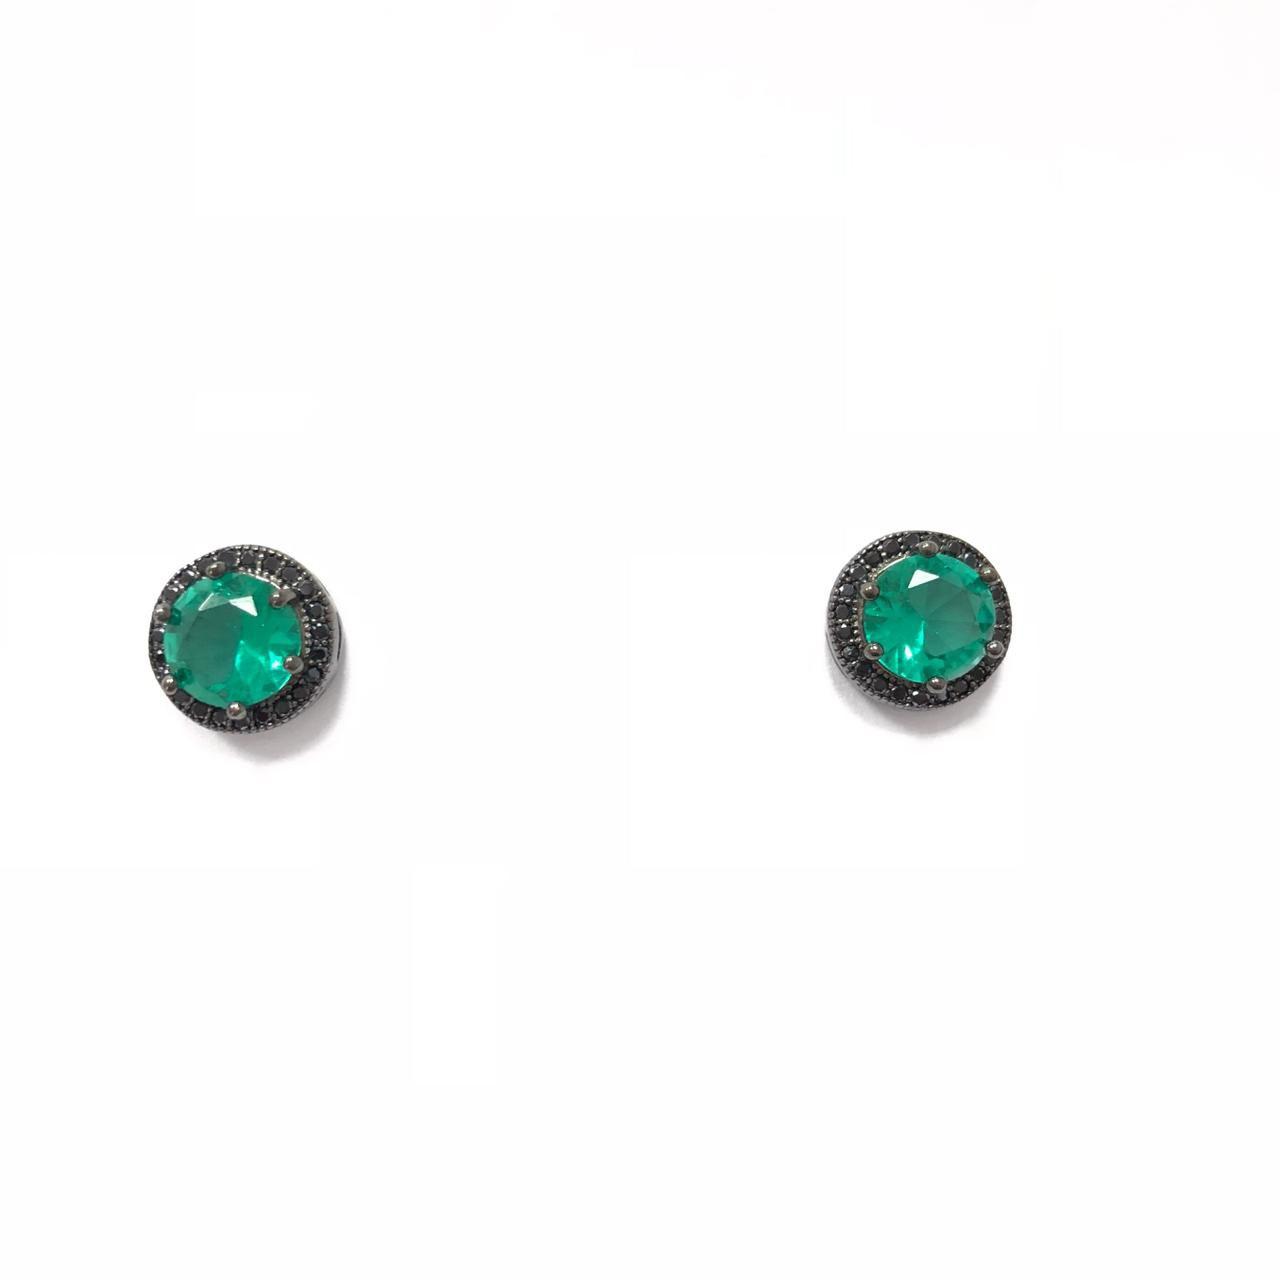 Brinco Redondo em Prata 925 com  Zircônias Verde e Preta Banho em Ródio Negro